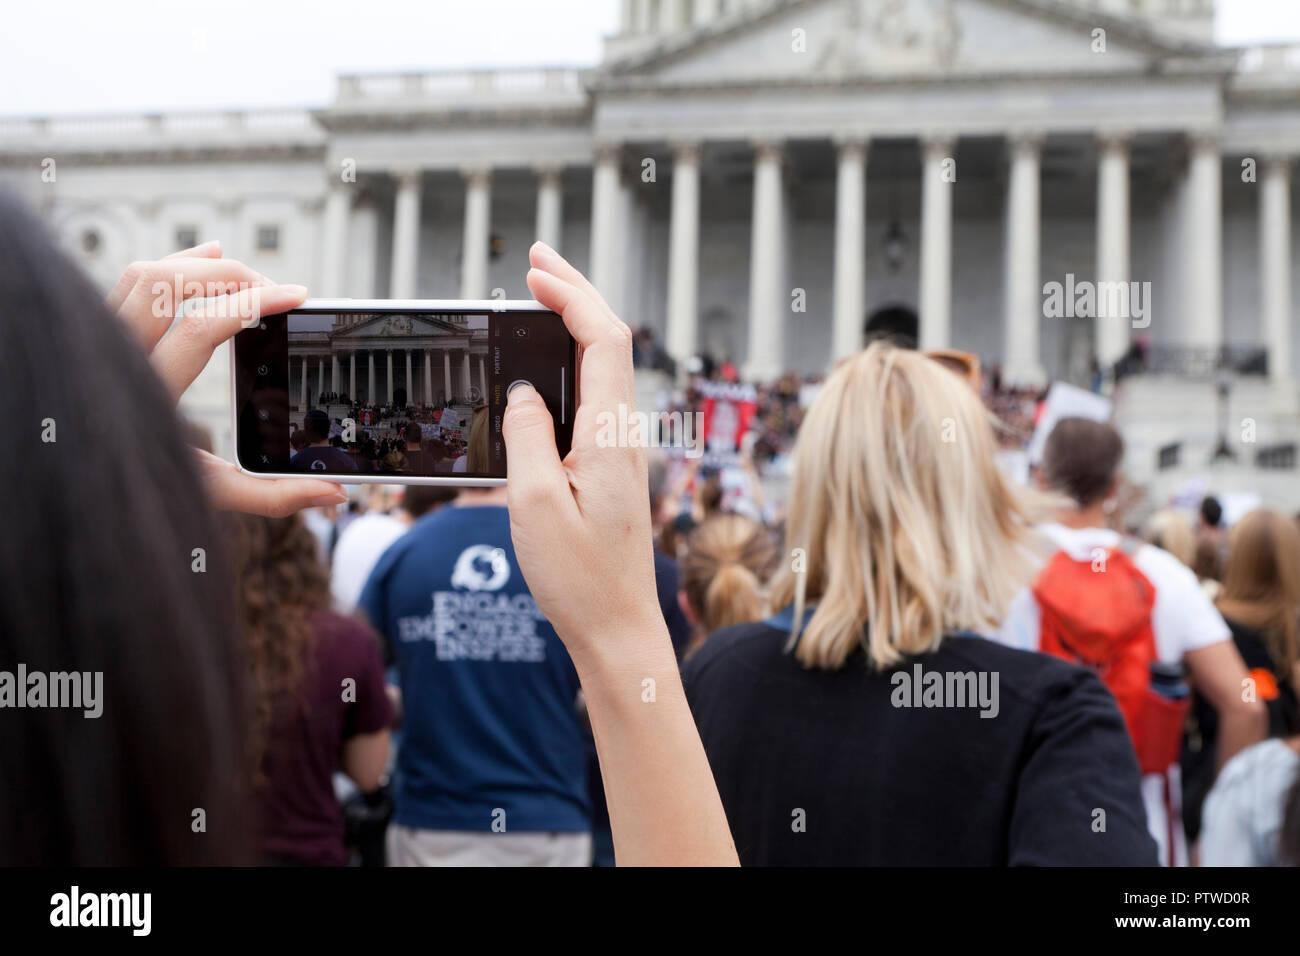 Frau Fotos von politischen mit einem Handy (iPhone) protestieren - USA Stockbild